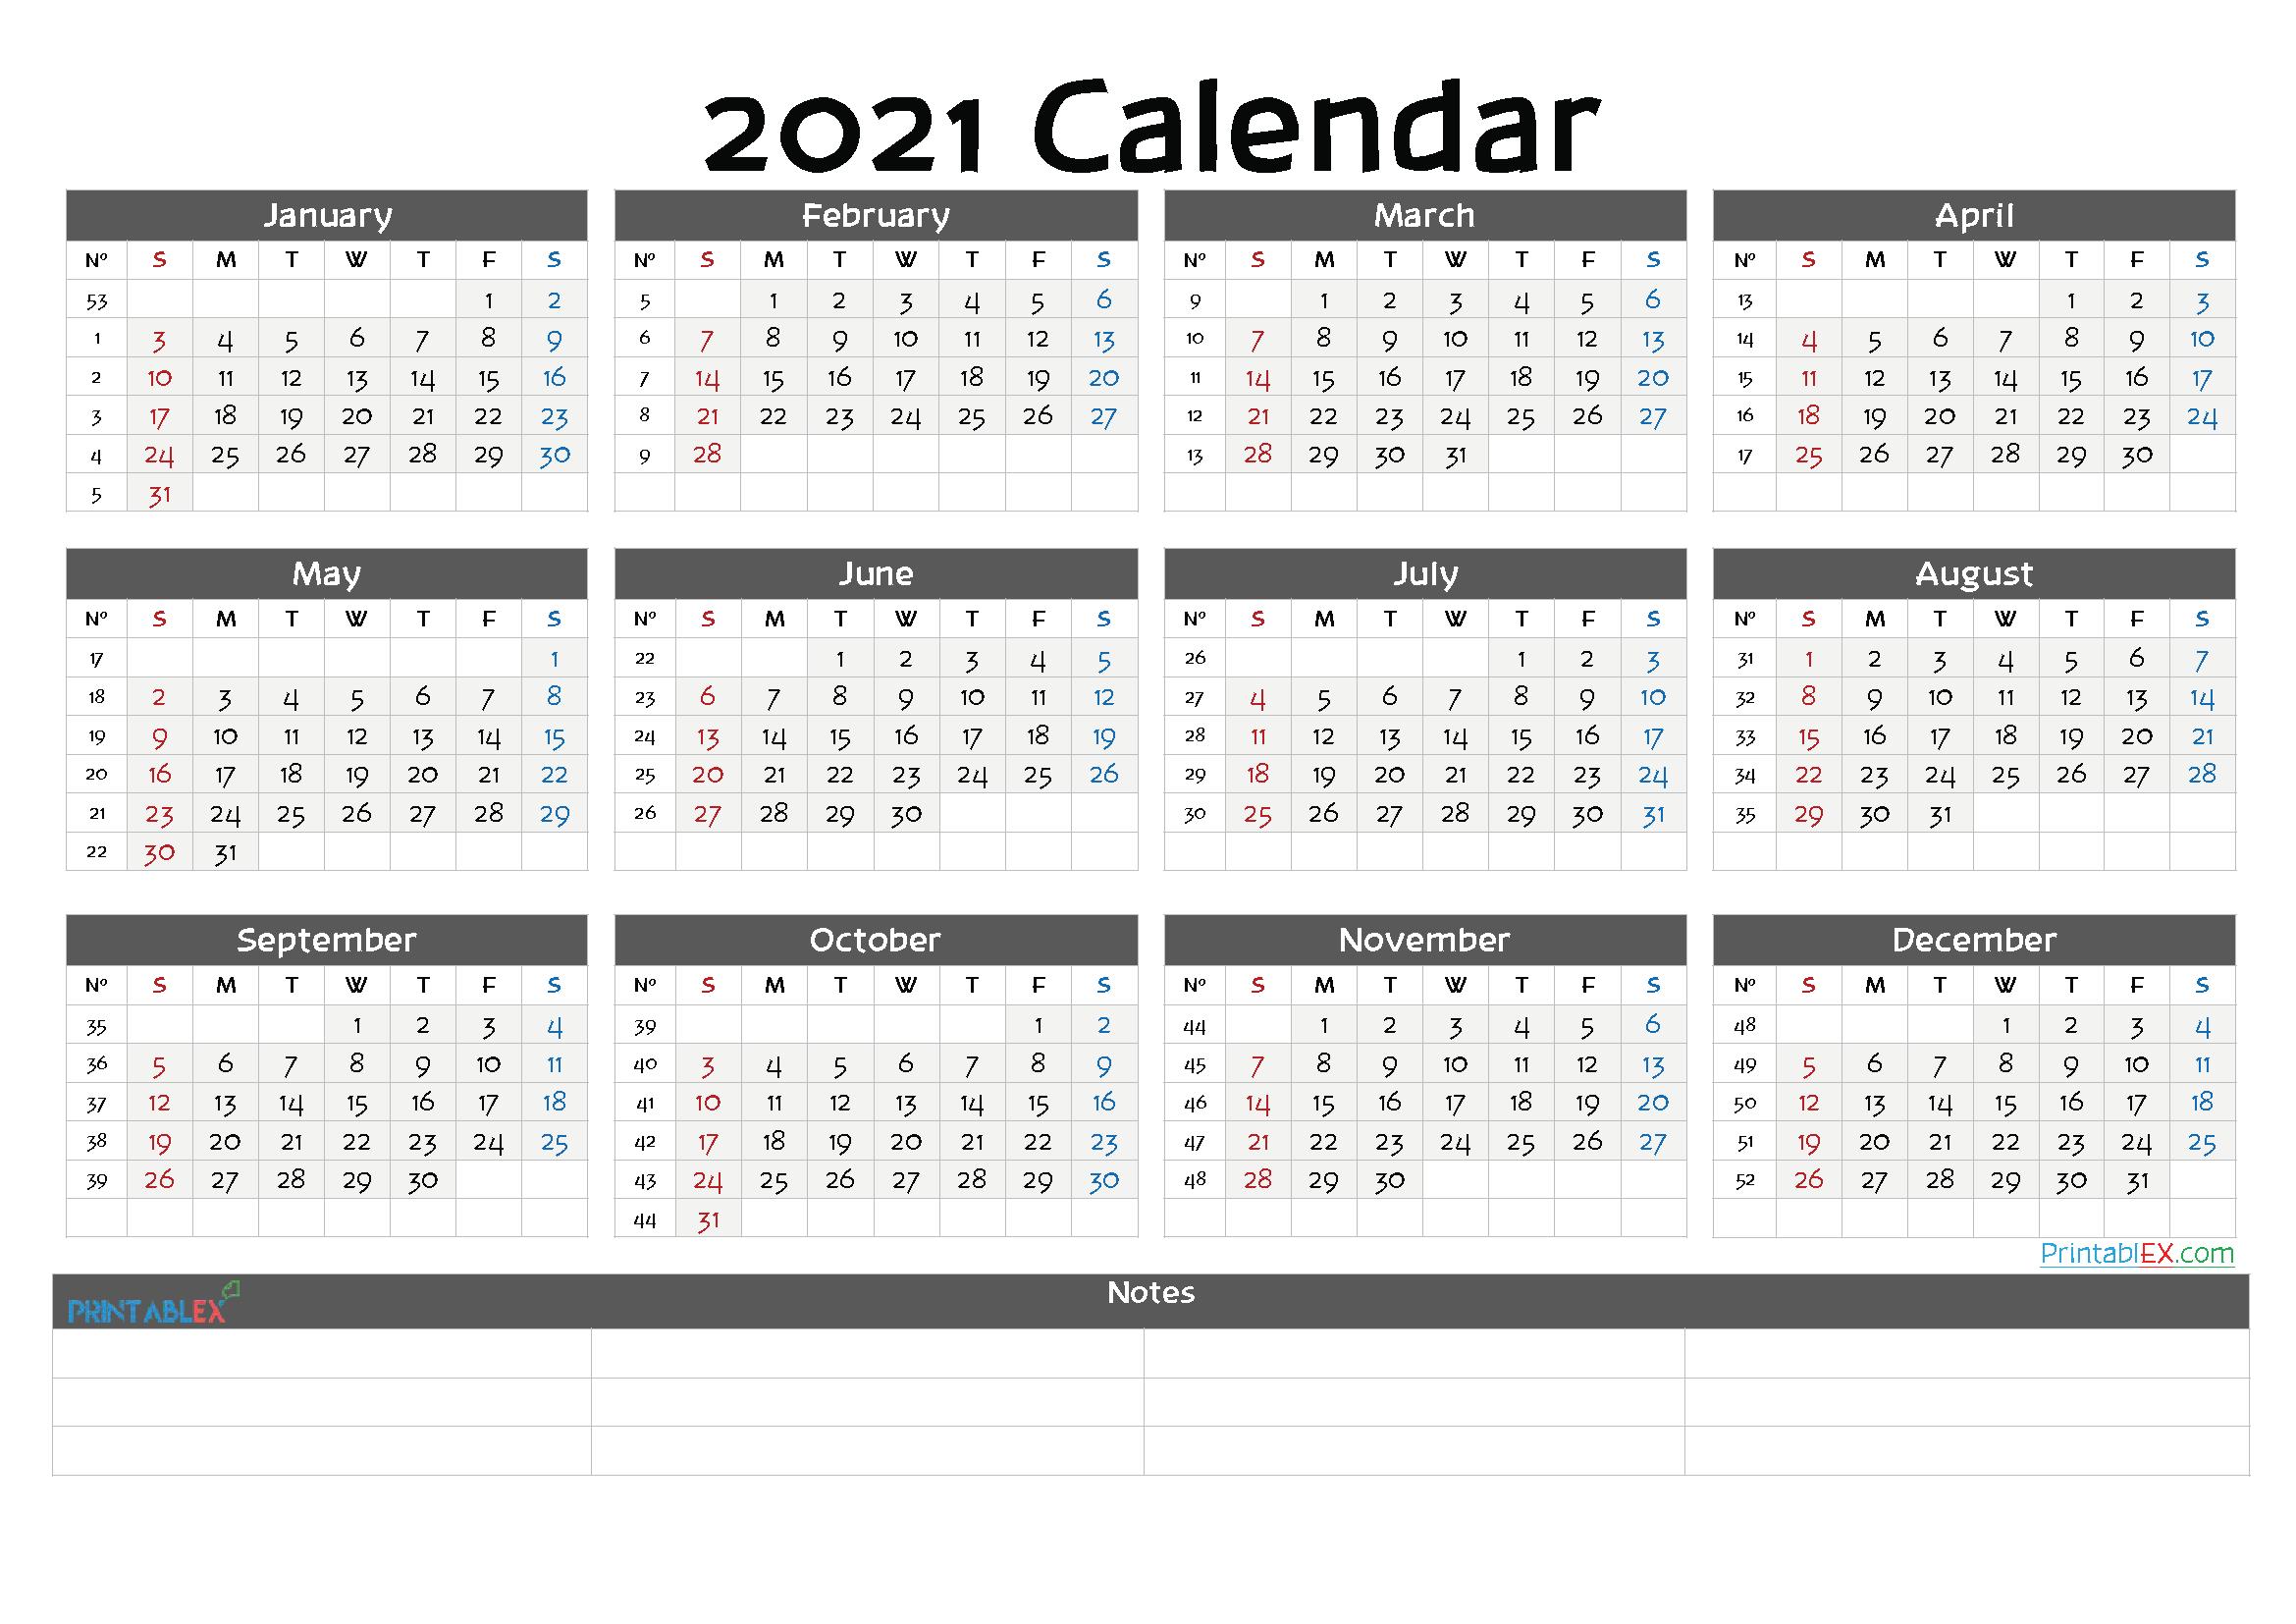 Printable 2021 Calendar Templates (Font: jungl)